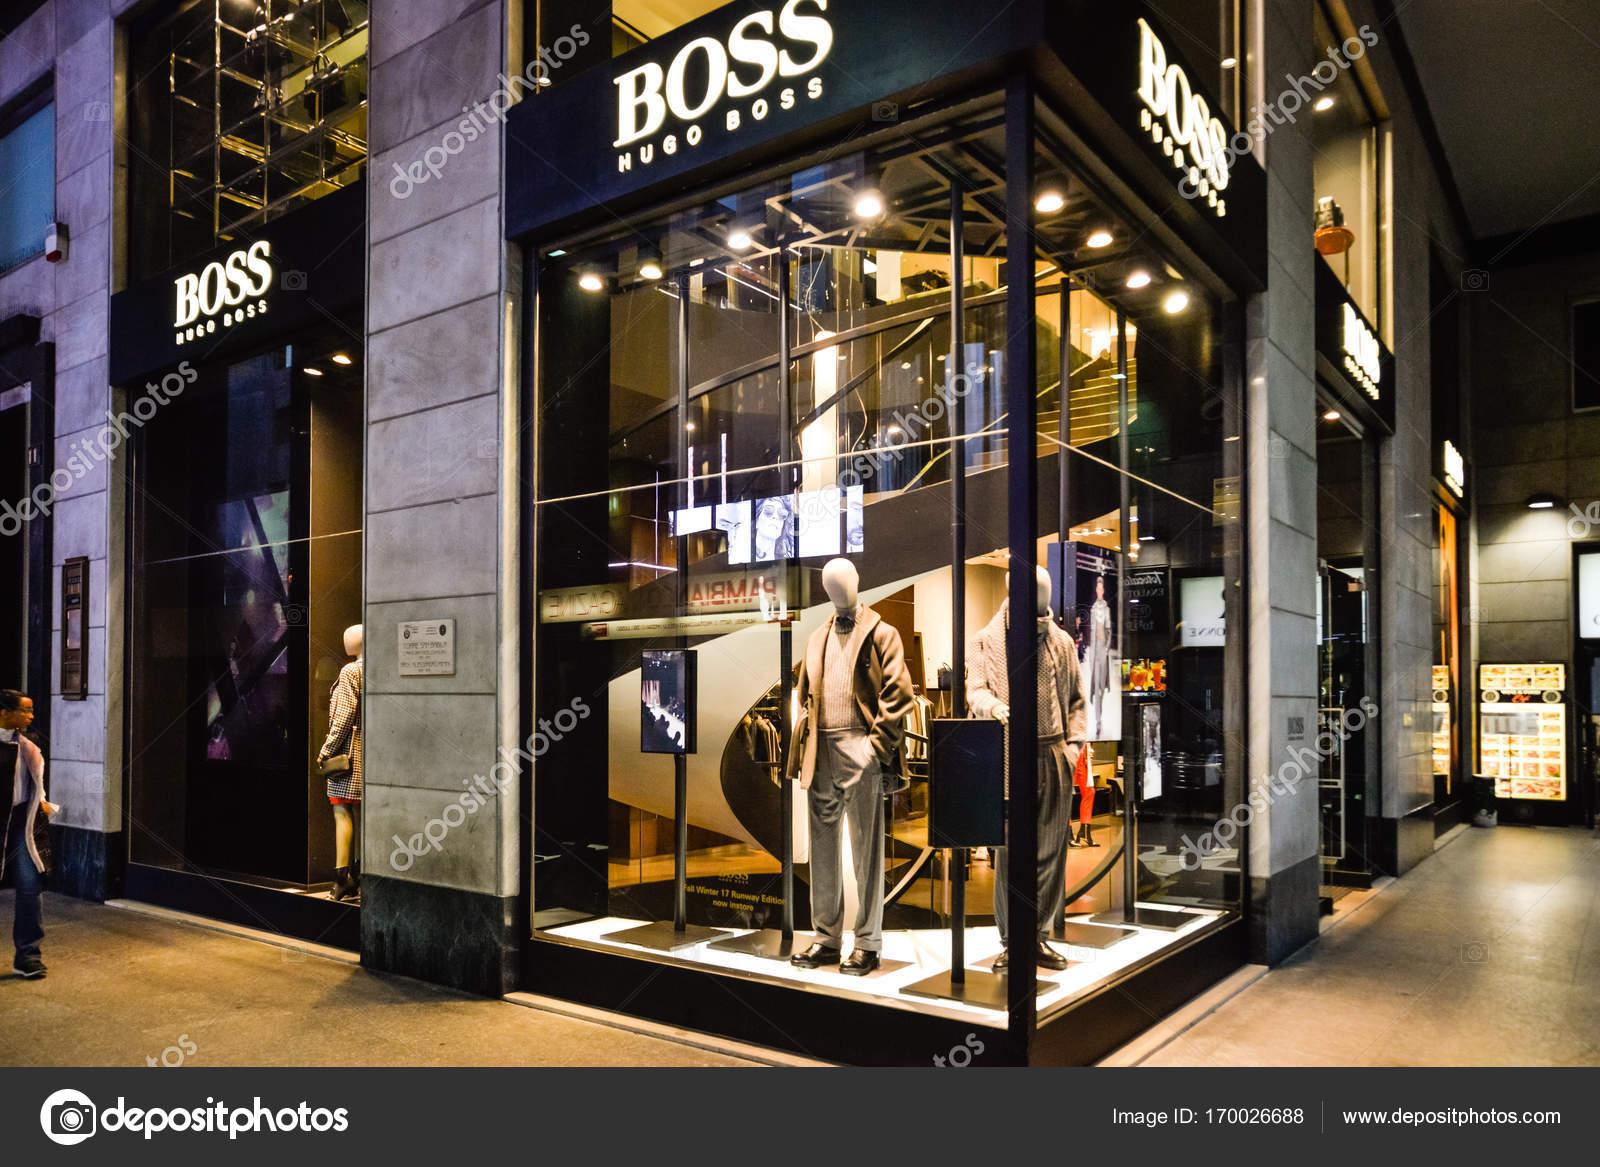 slealtà mentre attacco  Hugo Boss store in Milan. – Stock Editorial Photo © Casimiro_PT #170026688